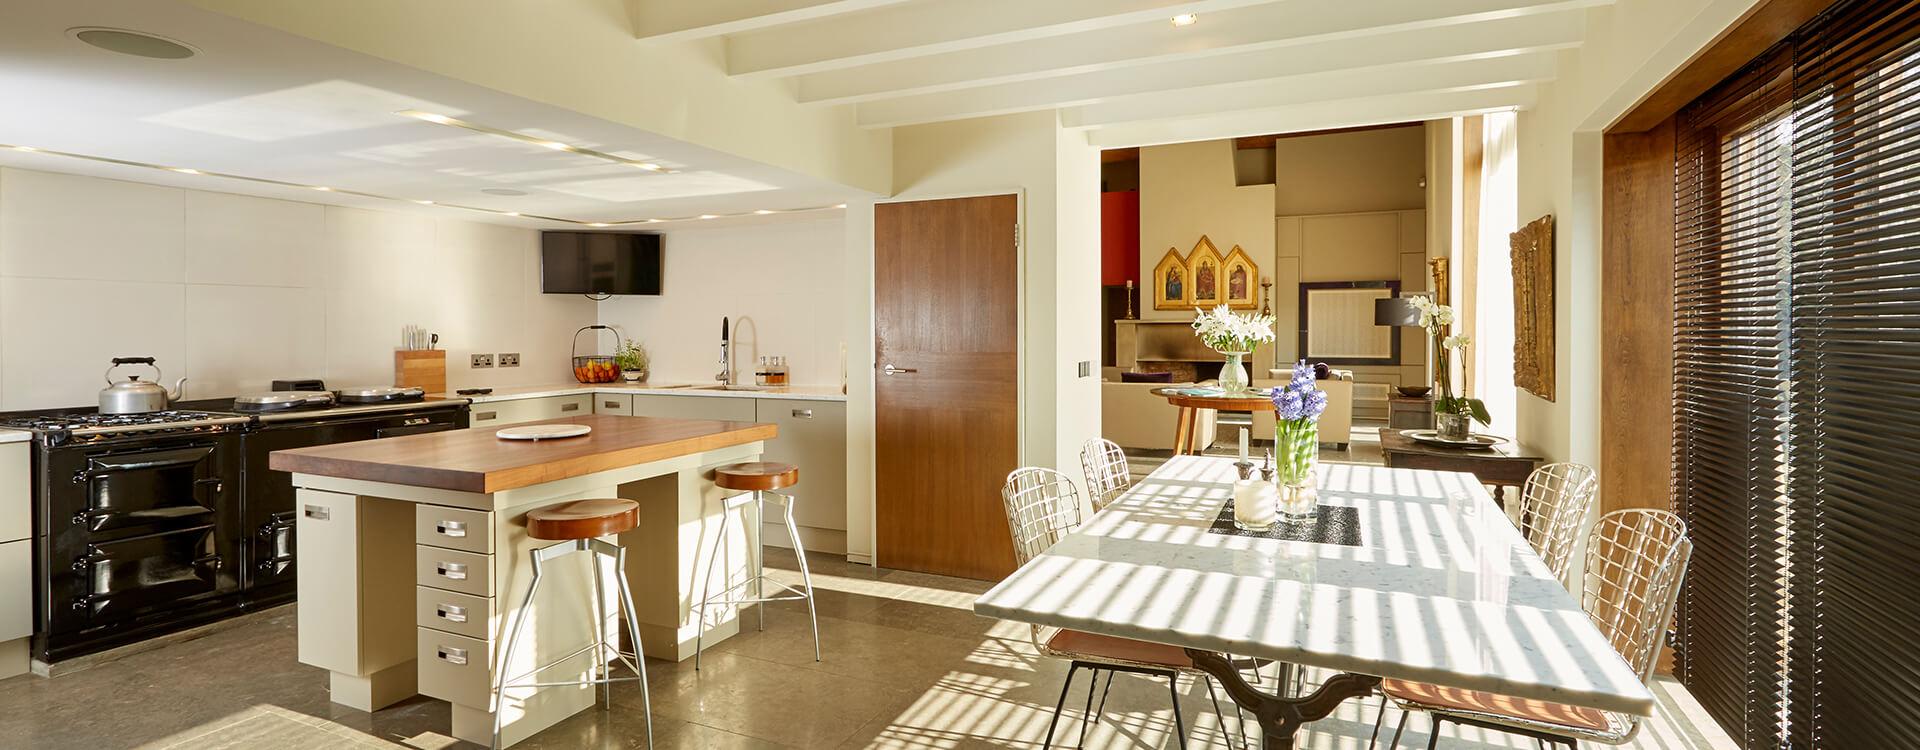 EN_FS_CS_Photo_Whistlers-Barn_Kitchen.jpg